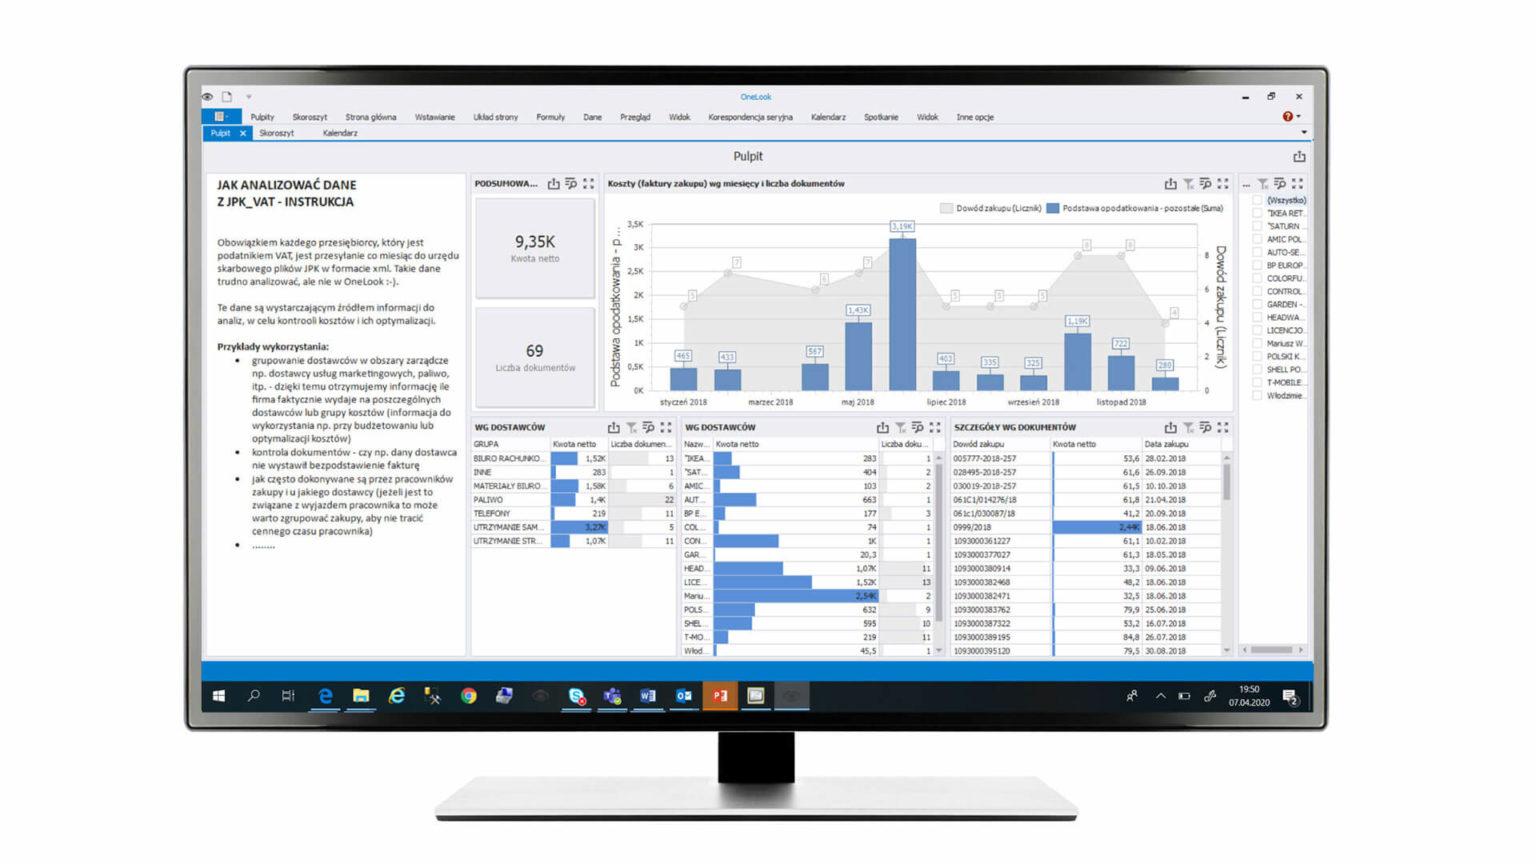 Analiza kontrahentów JPK_VAT Brak większej ilości danych nie musi być przeszkodą w przeprowadzeniu analiz. Wystarczą podstawowe pliki JPK_VAT (co  miesiąc obowiązkowo wysyłane do urzędu skarbowego), aby na jednym ekranie zobaczyć uporządkowane dane dotyczące  m.in. dokonanych transakcji zakupu i sprzedaży czy liczby wystawianych dokumentów. Czytelna analiza pozwala zobaczyć  więcej i lepiej zarządzać np. wydatkami.